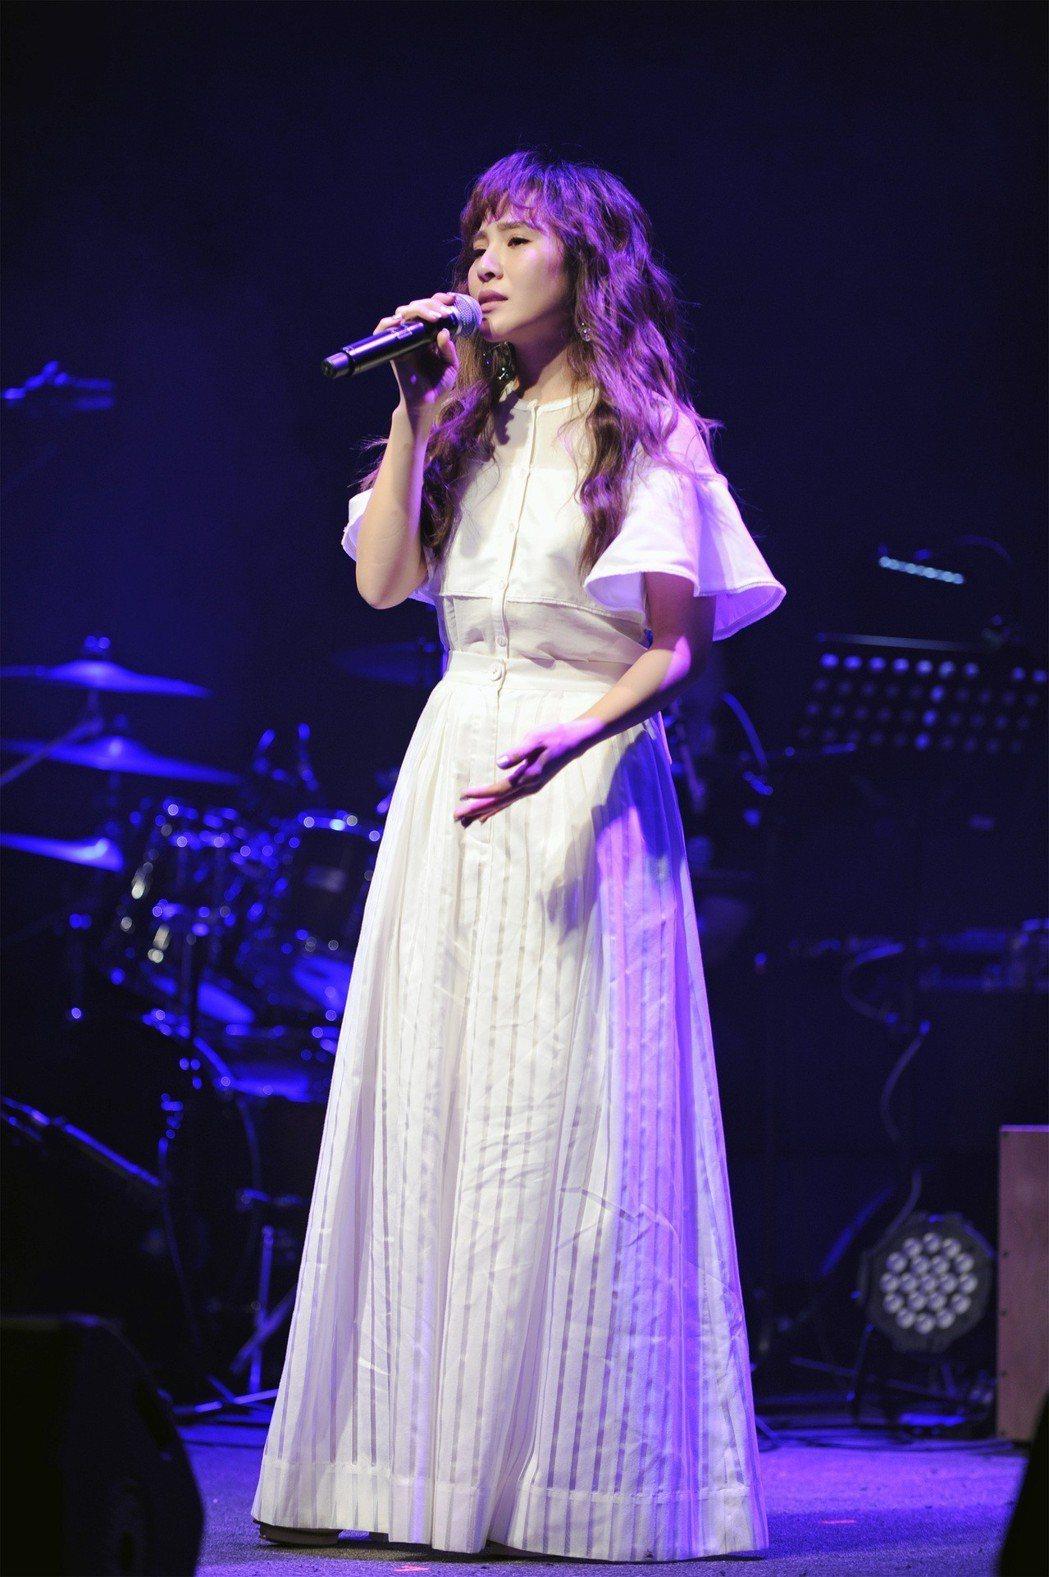 梁文音2日舉辦小型演唱會,蕭煌奇擔任嘉賓。圖/環球音樂提供